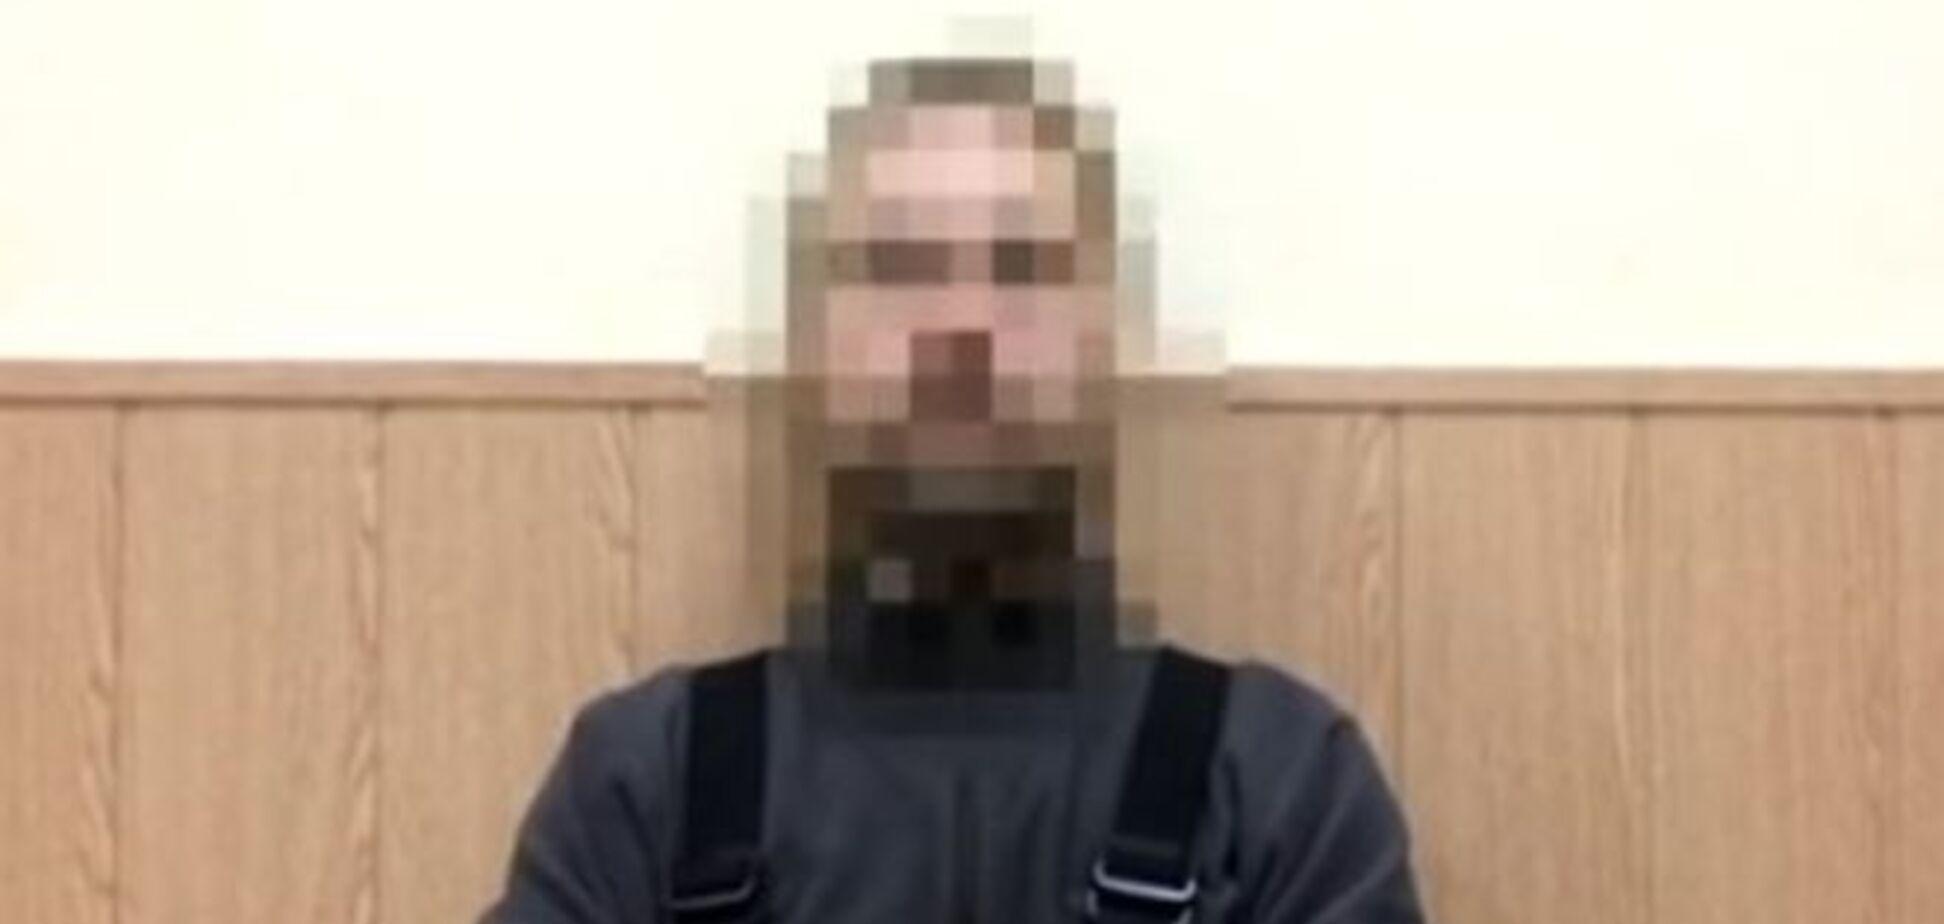 СБУ задержала организатора возможных терактов в Днепропетровске: видеофакт